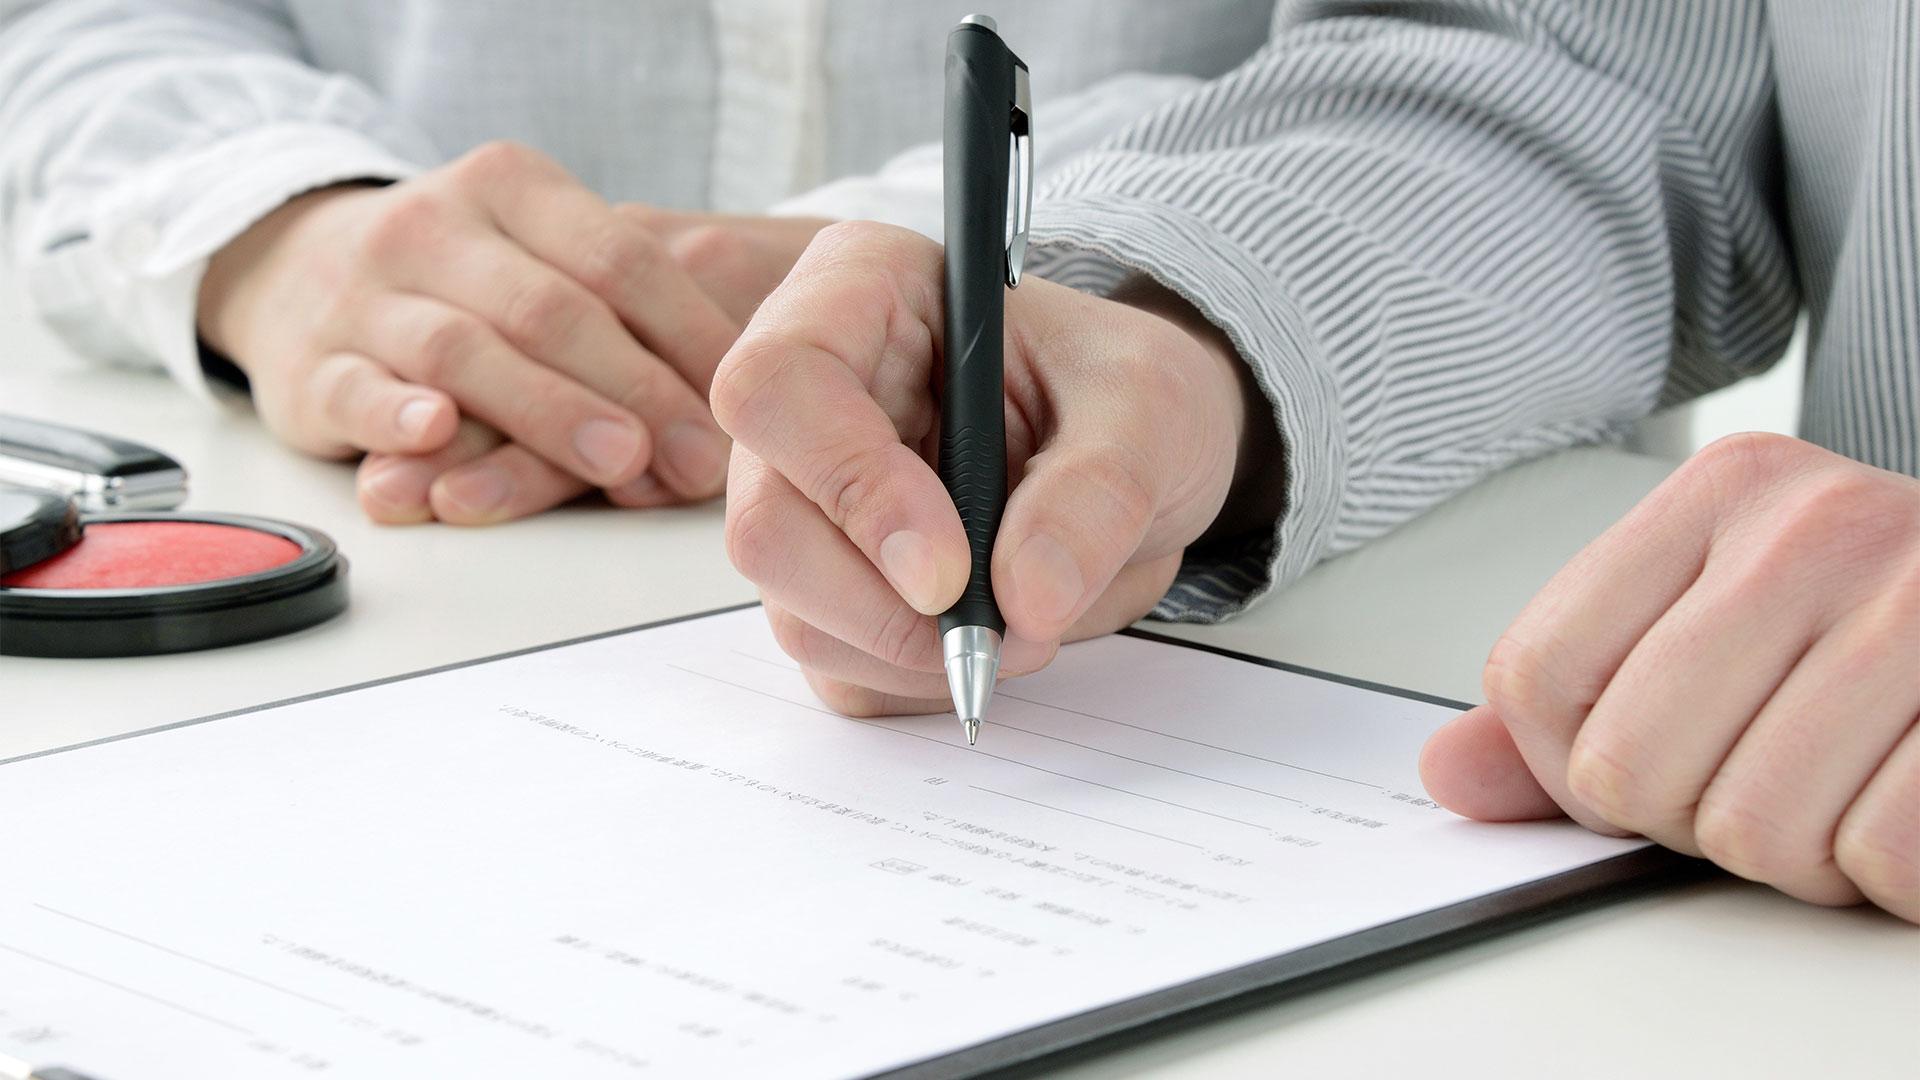 【3手順】北海道電力に切り替える際の契約手続き